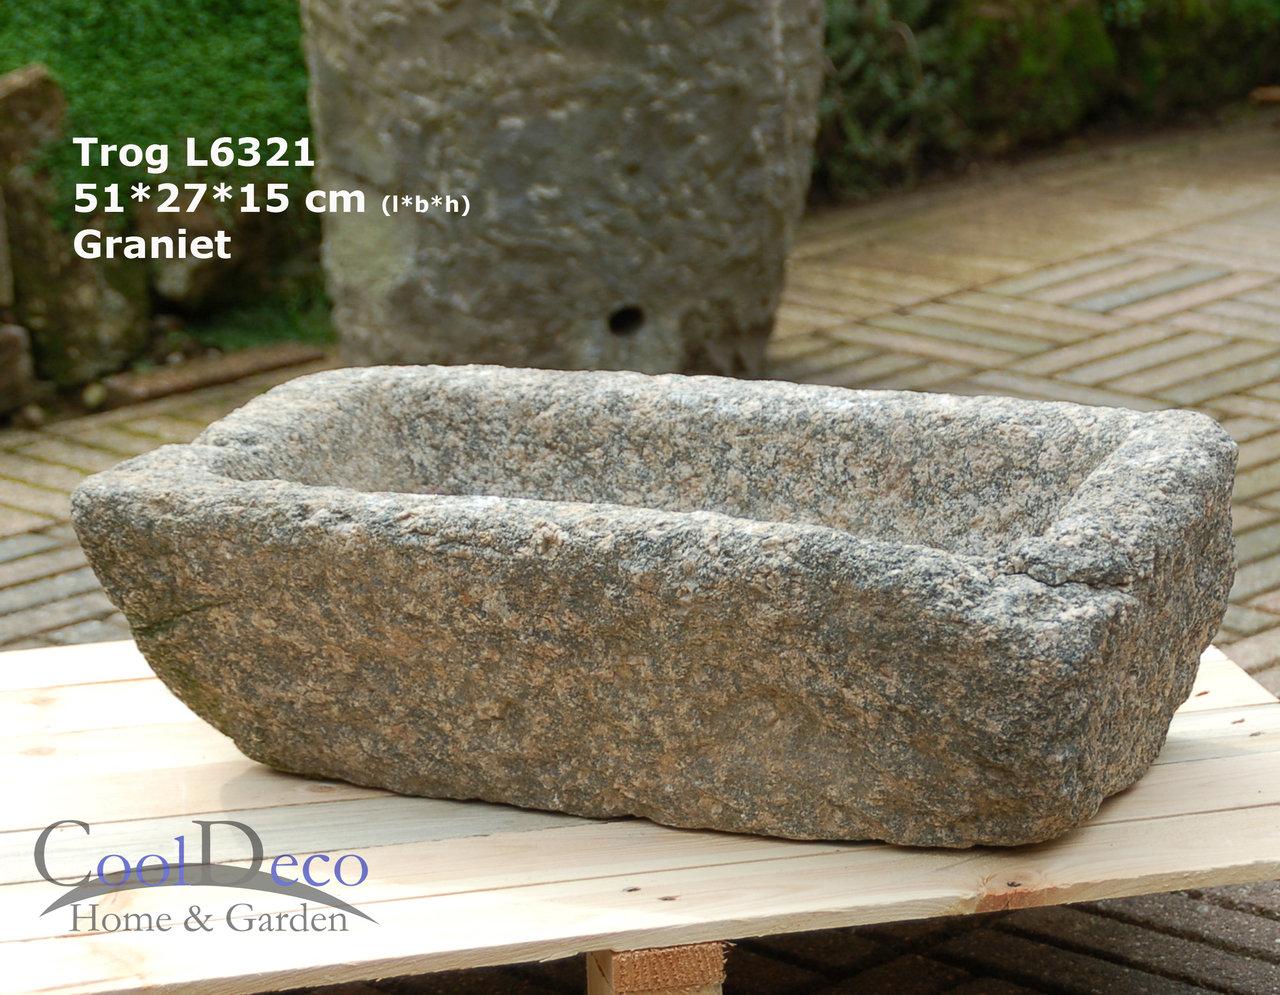 Steintrog L6321 - Vogeltränke gefertigt aus starkem Granit